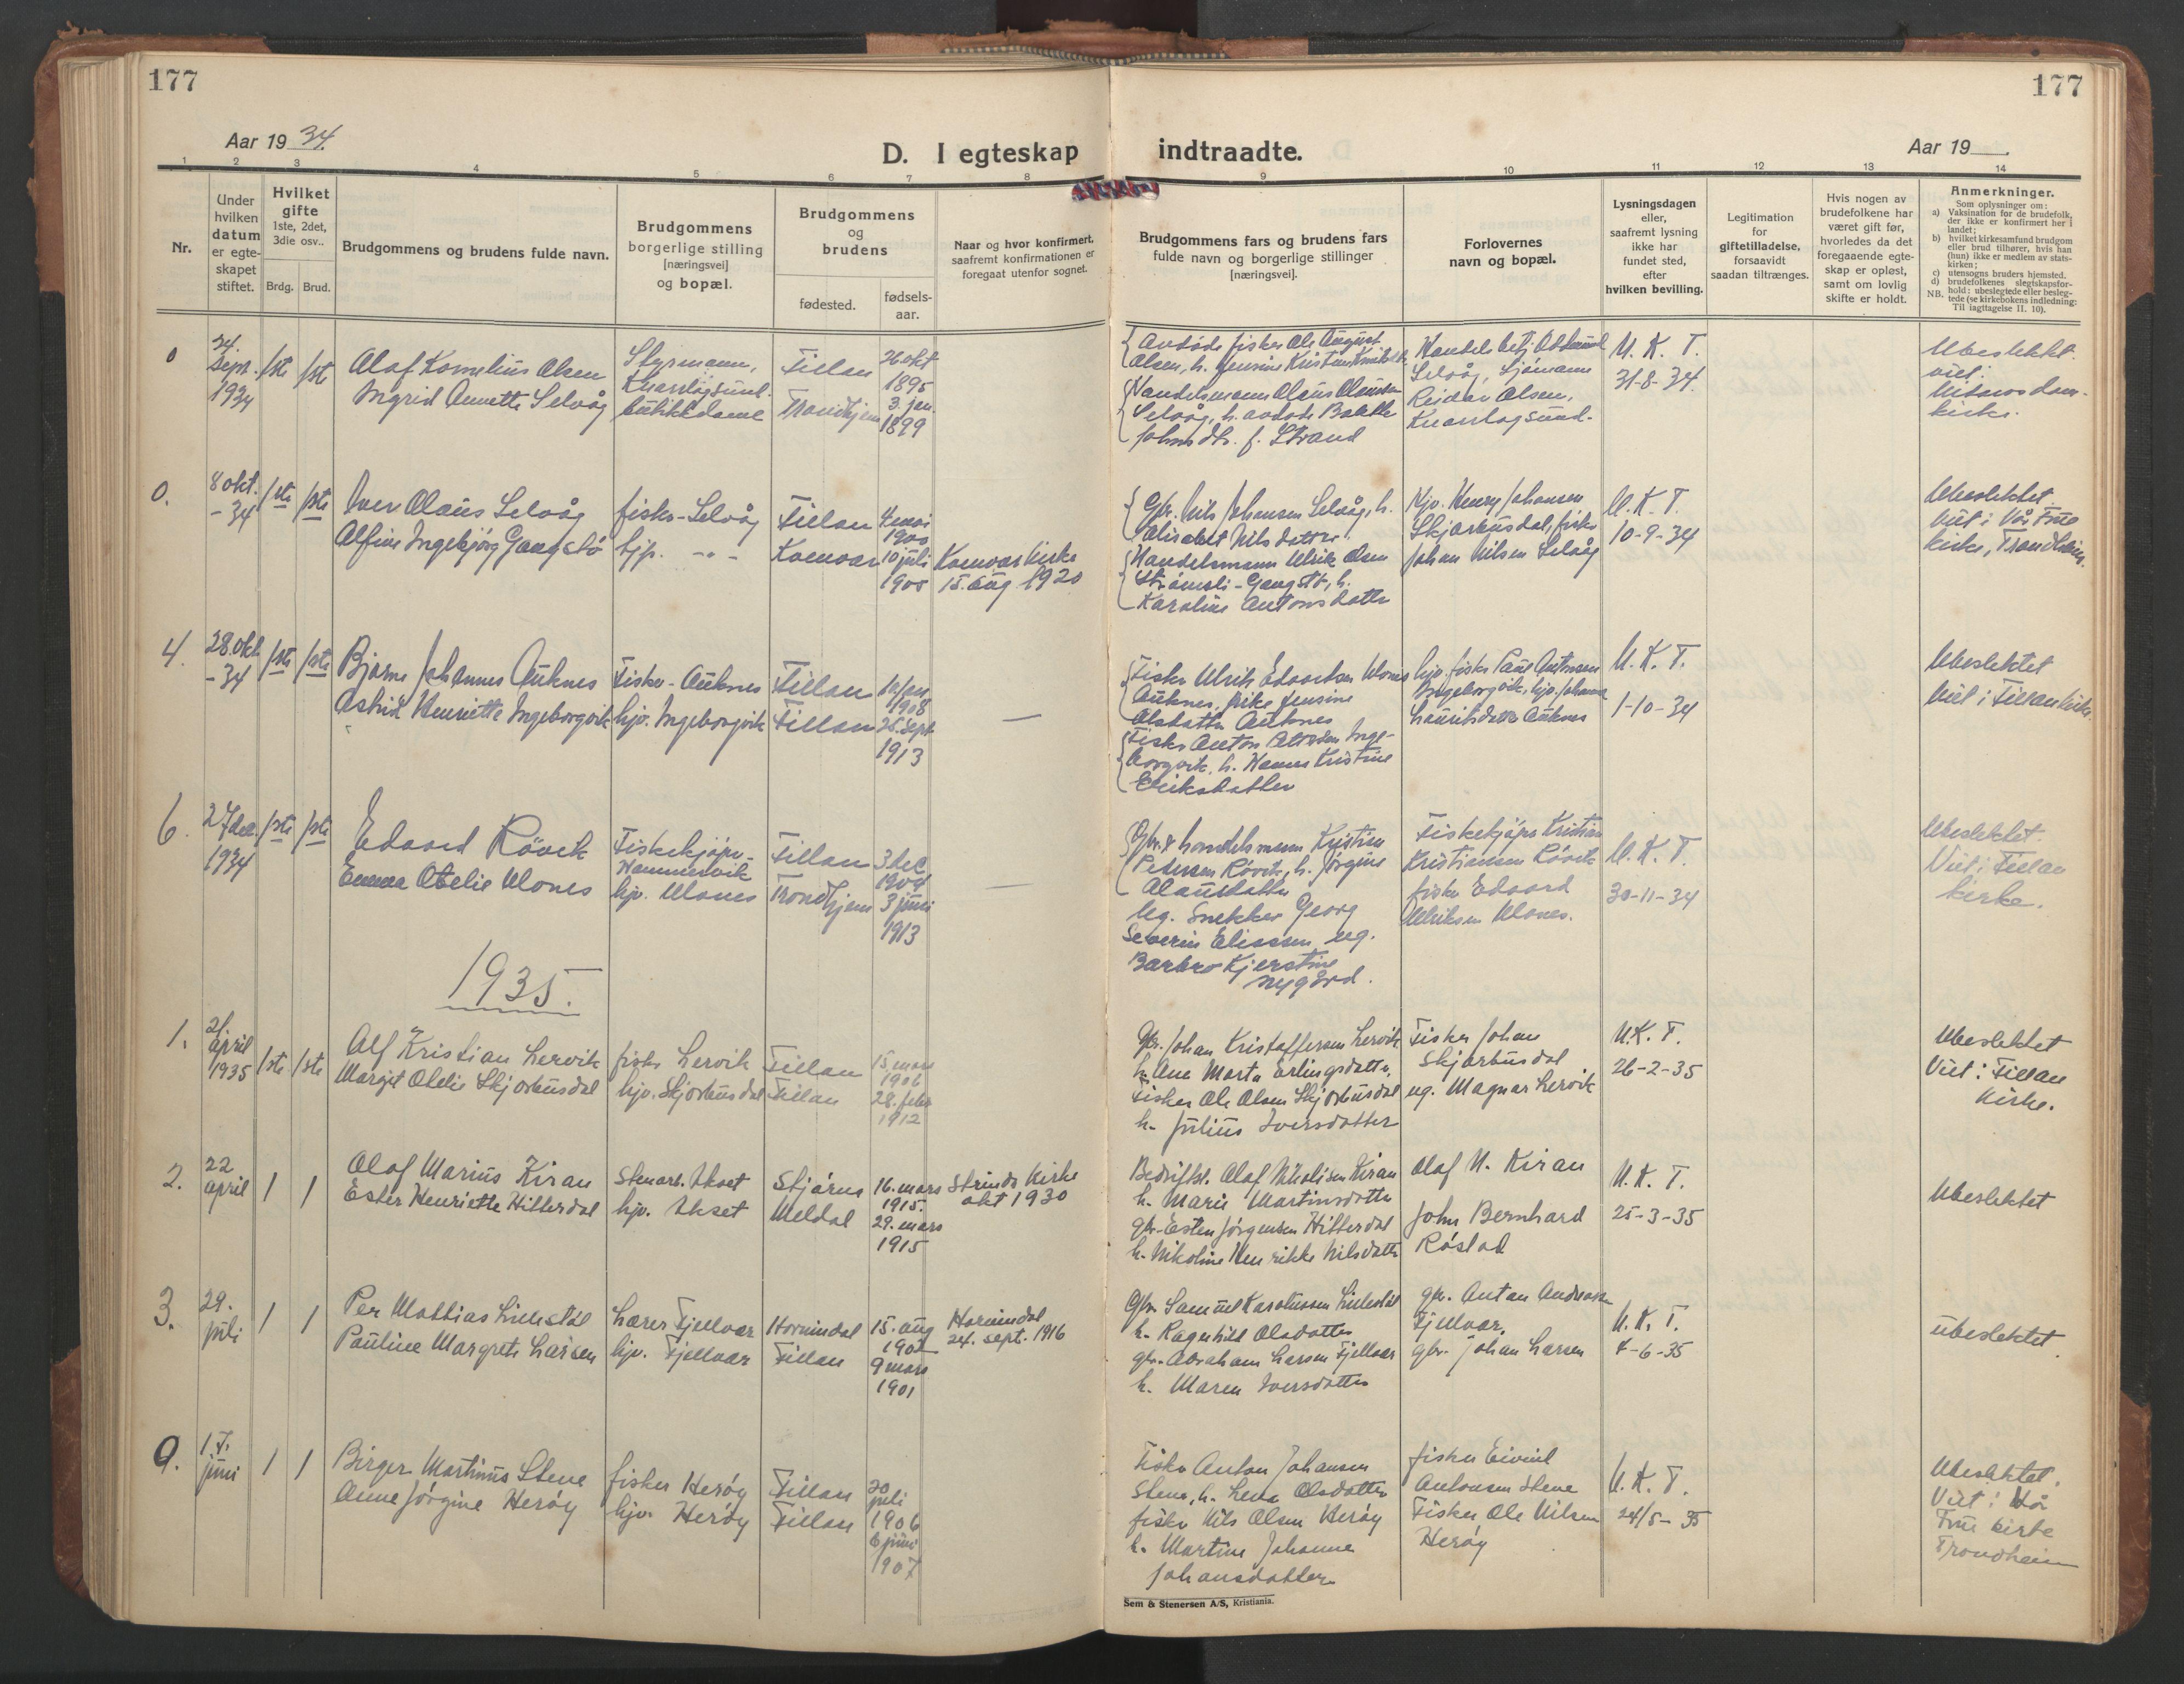 SAT, Ministerialprotokoller, klokkerbøker og fødselsregistre - Sør-Trøndelag, 638/L0569: Klokkerbok nr. 638C01, 1923-1961, s. 177